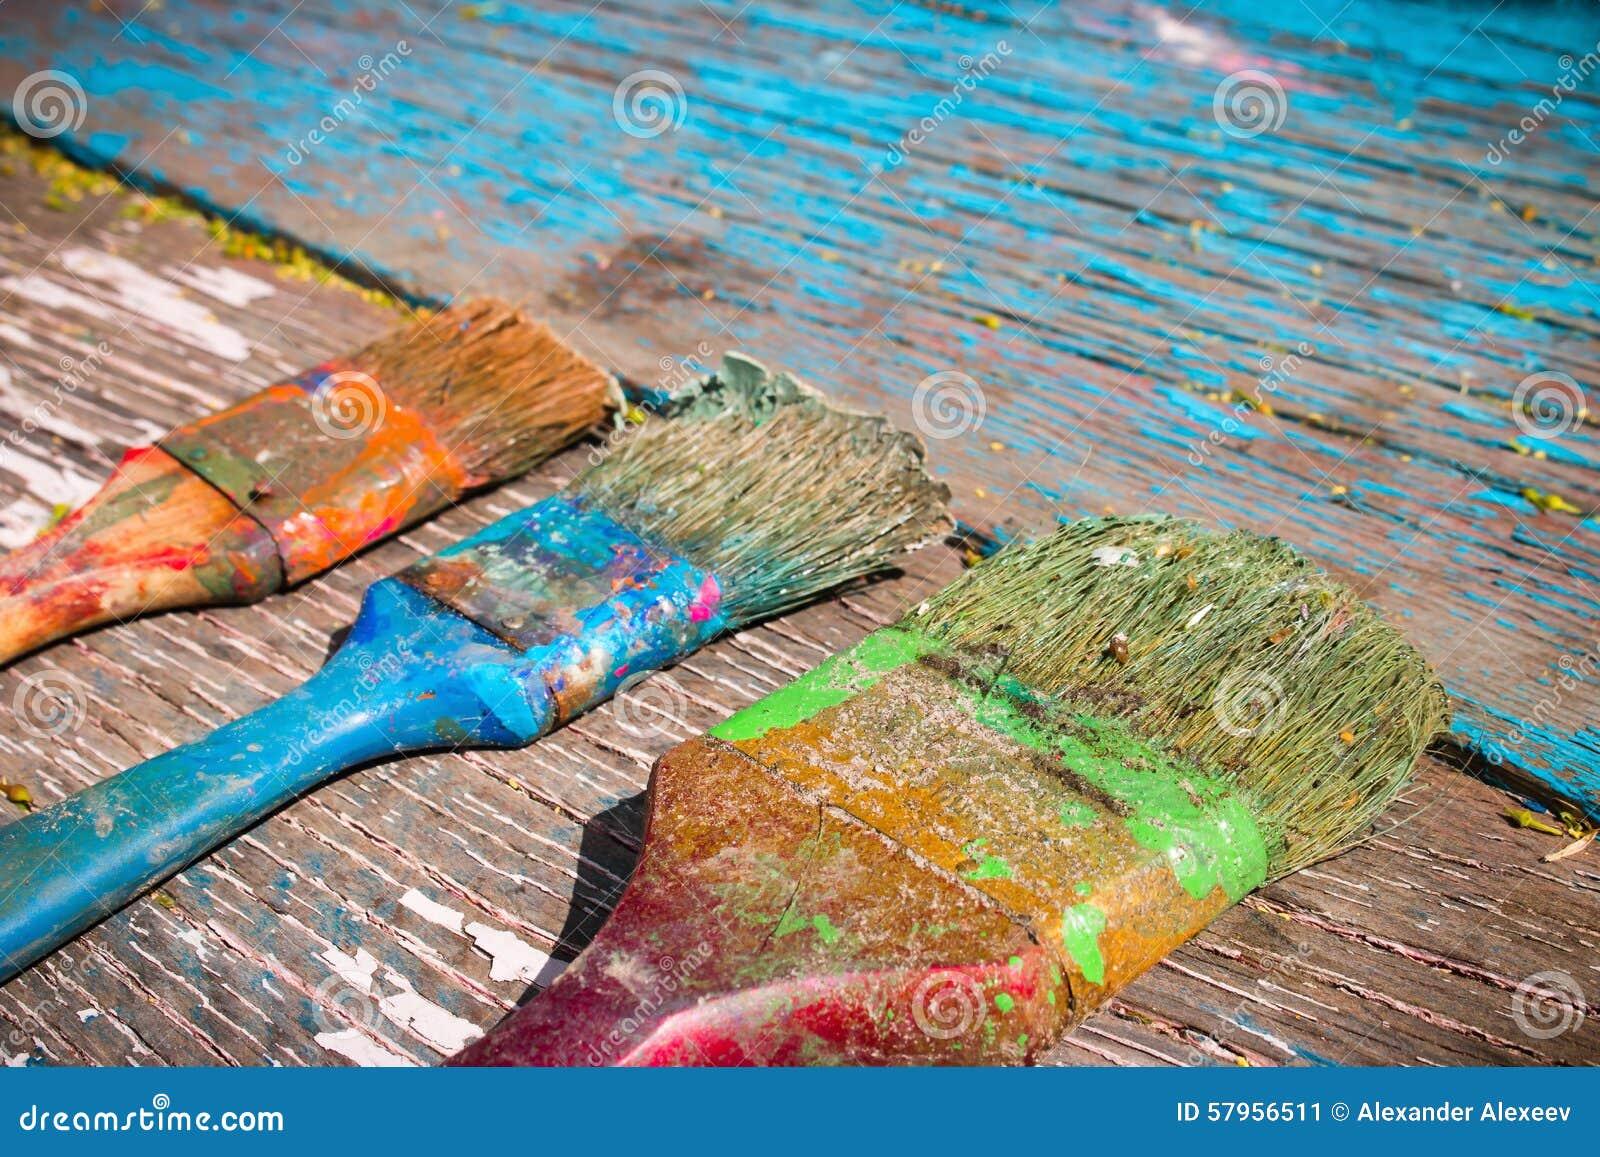 Vecchia spazzola sporca da dipingere su un fondo di legno immagine